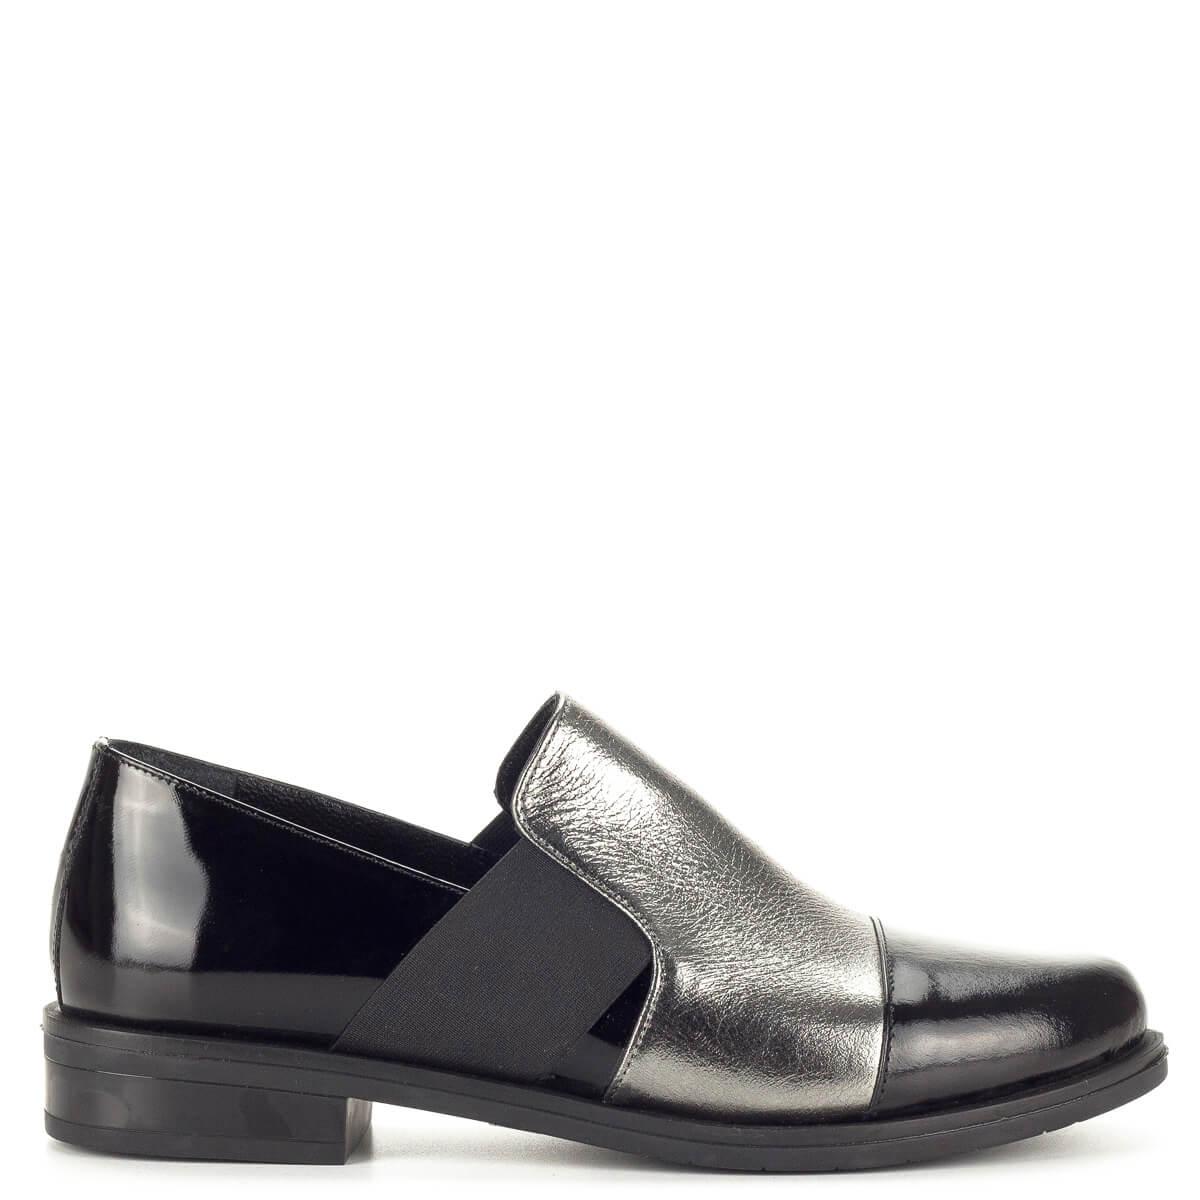 A cipő enyhén  Sherlock Soon női bőr félcipő fekete lakk bőr és ezüst bőr  kombinálásával. 8bb05037e7